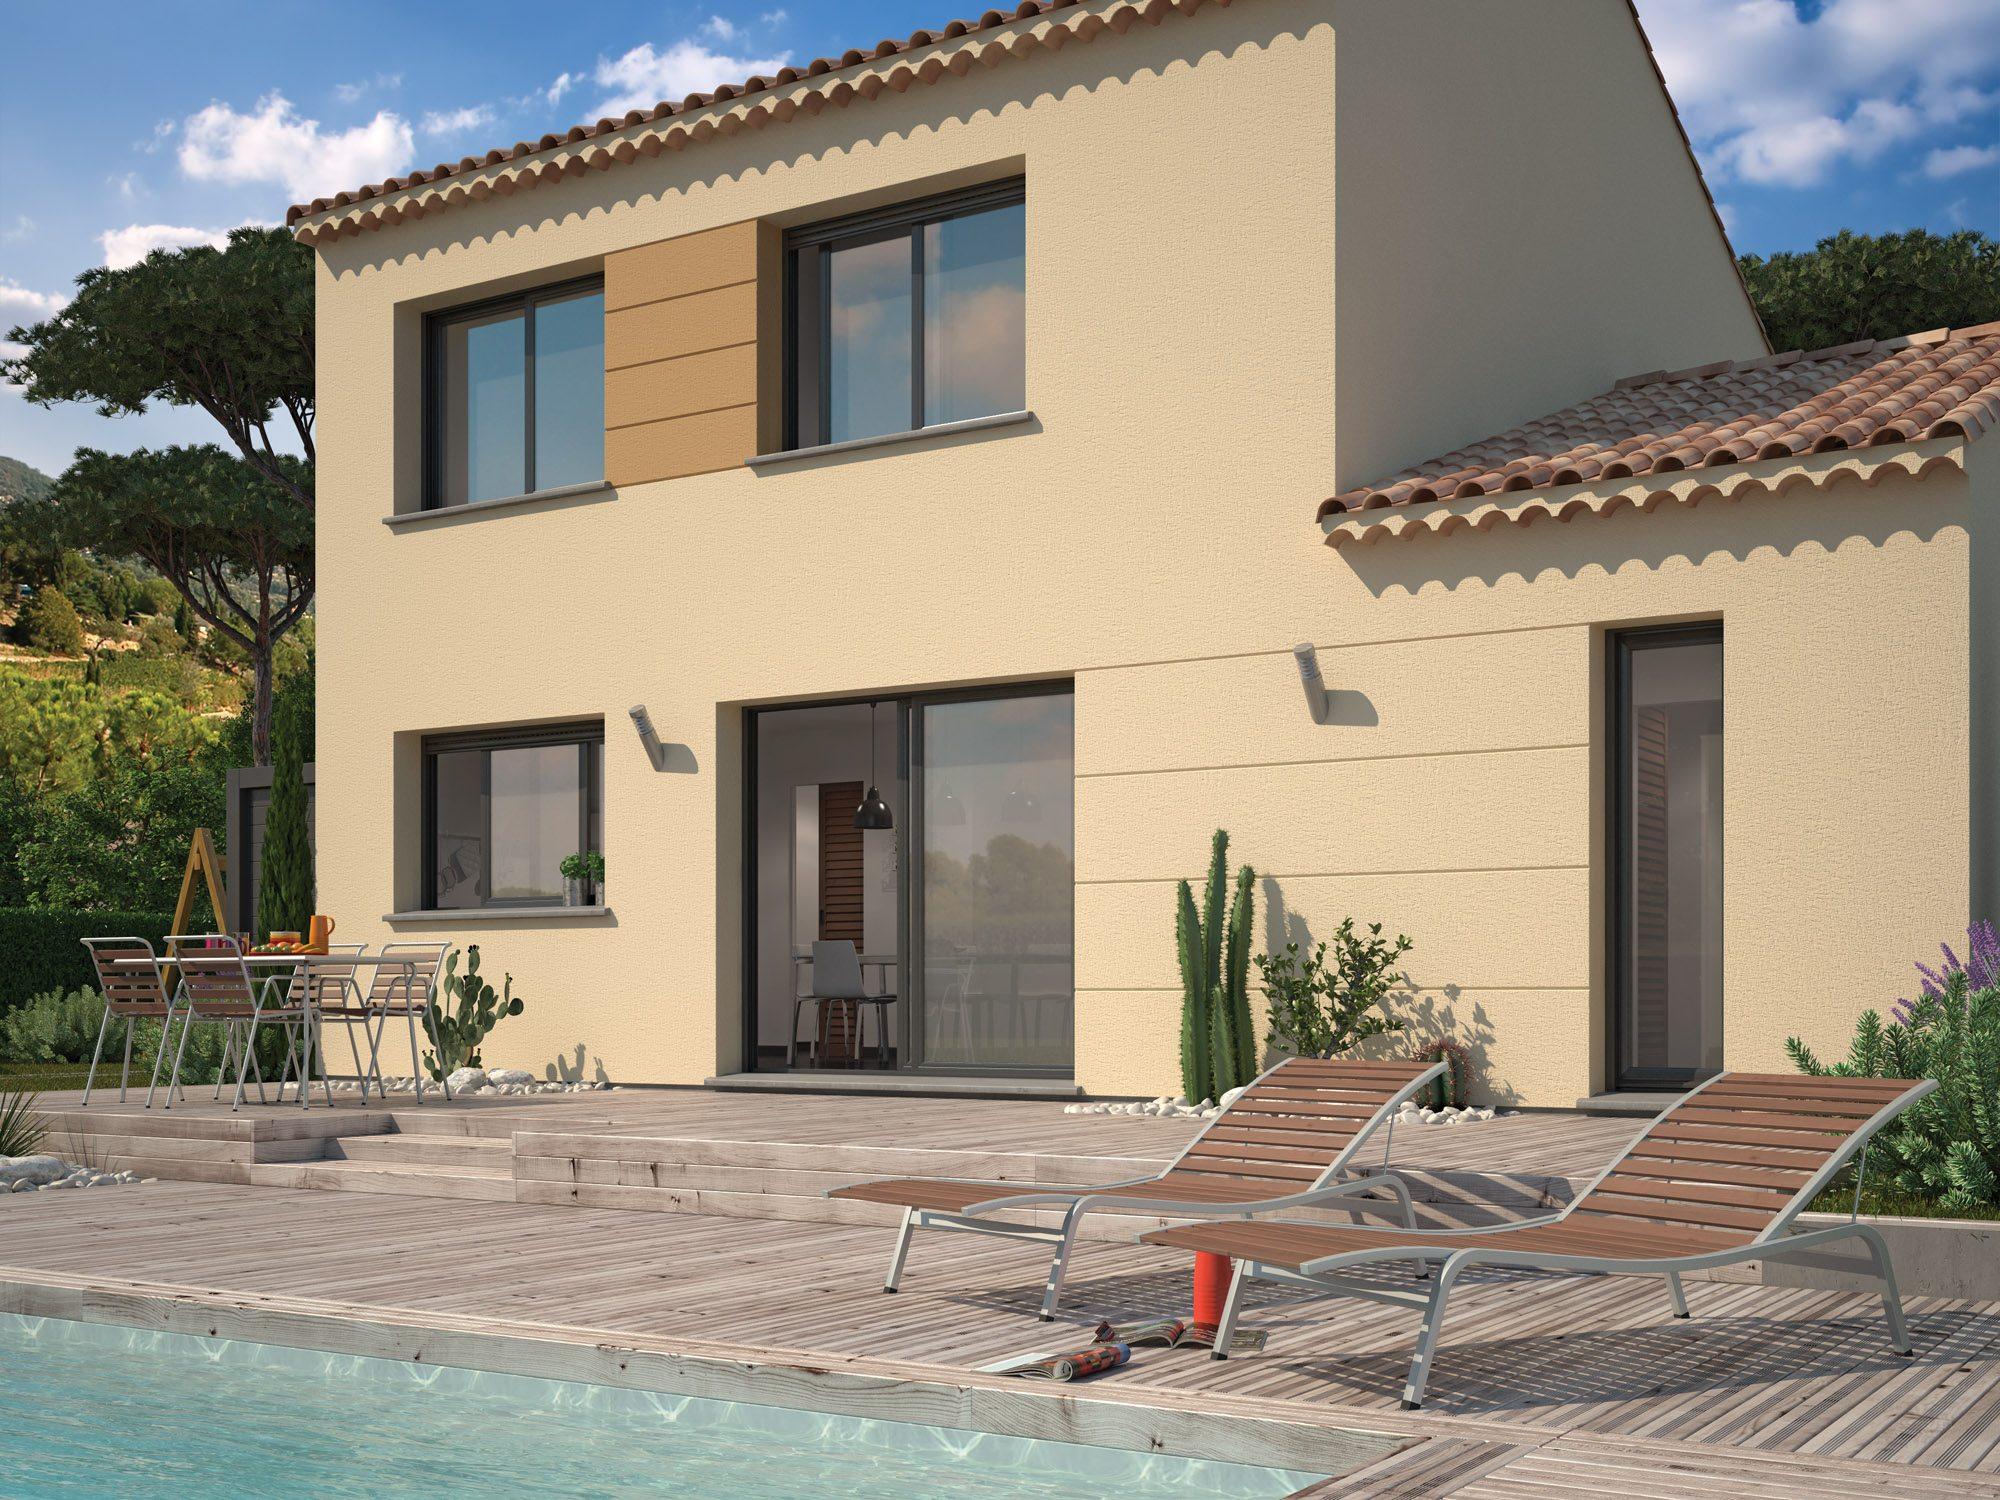 Maisons + Terrains du constructeur Maison Familiale Toulouse • 113 m² • CASTELNAU D'ESTRETEFONDS